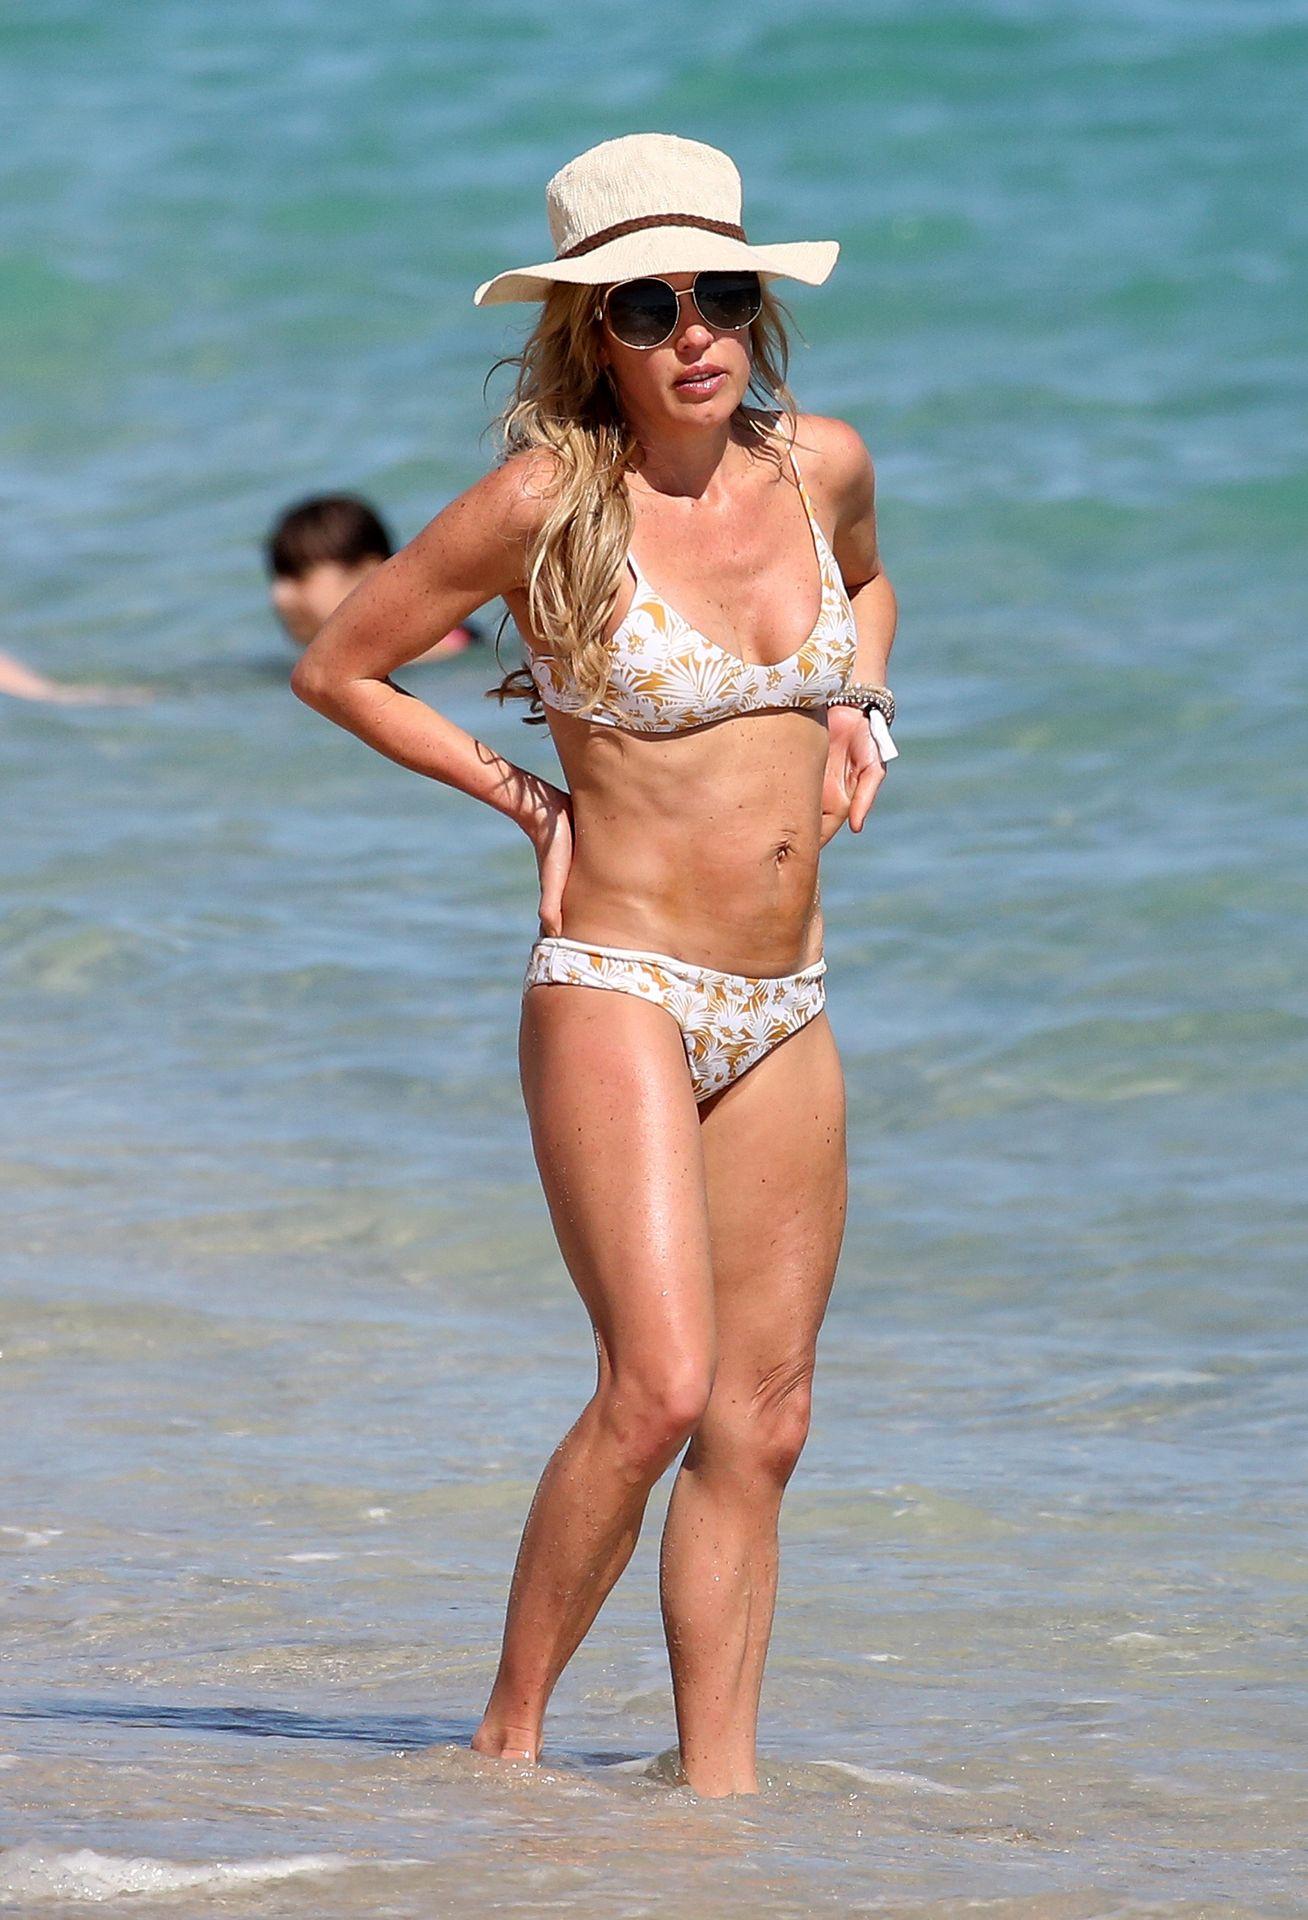 Braunwyn Windham Burke Wears A Bikini On The Beach In Miami 0019